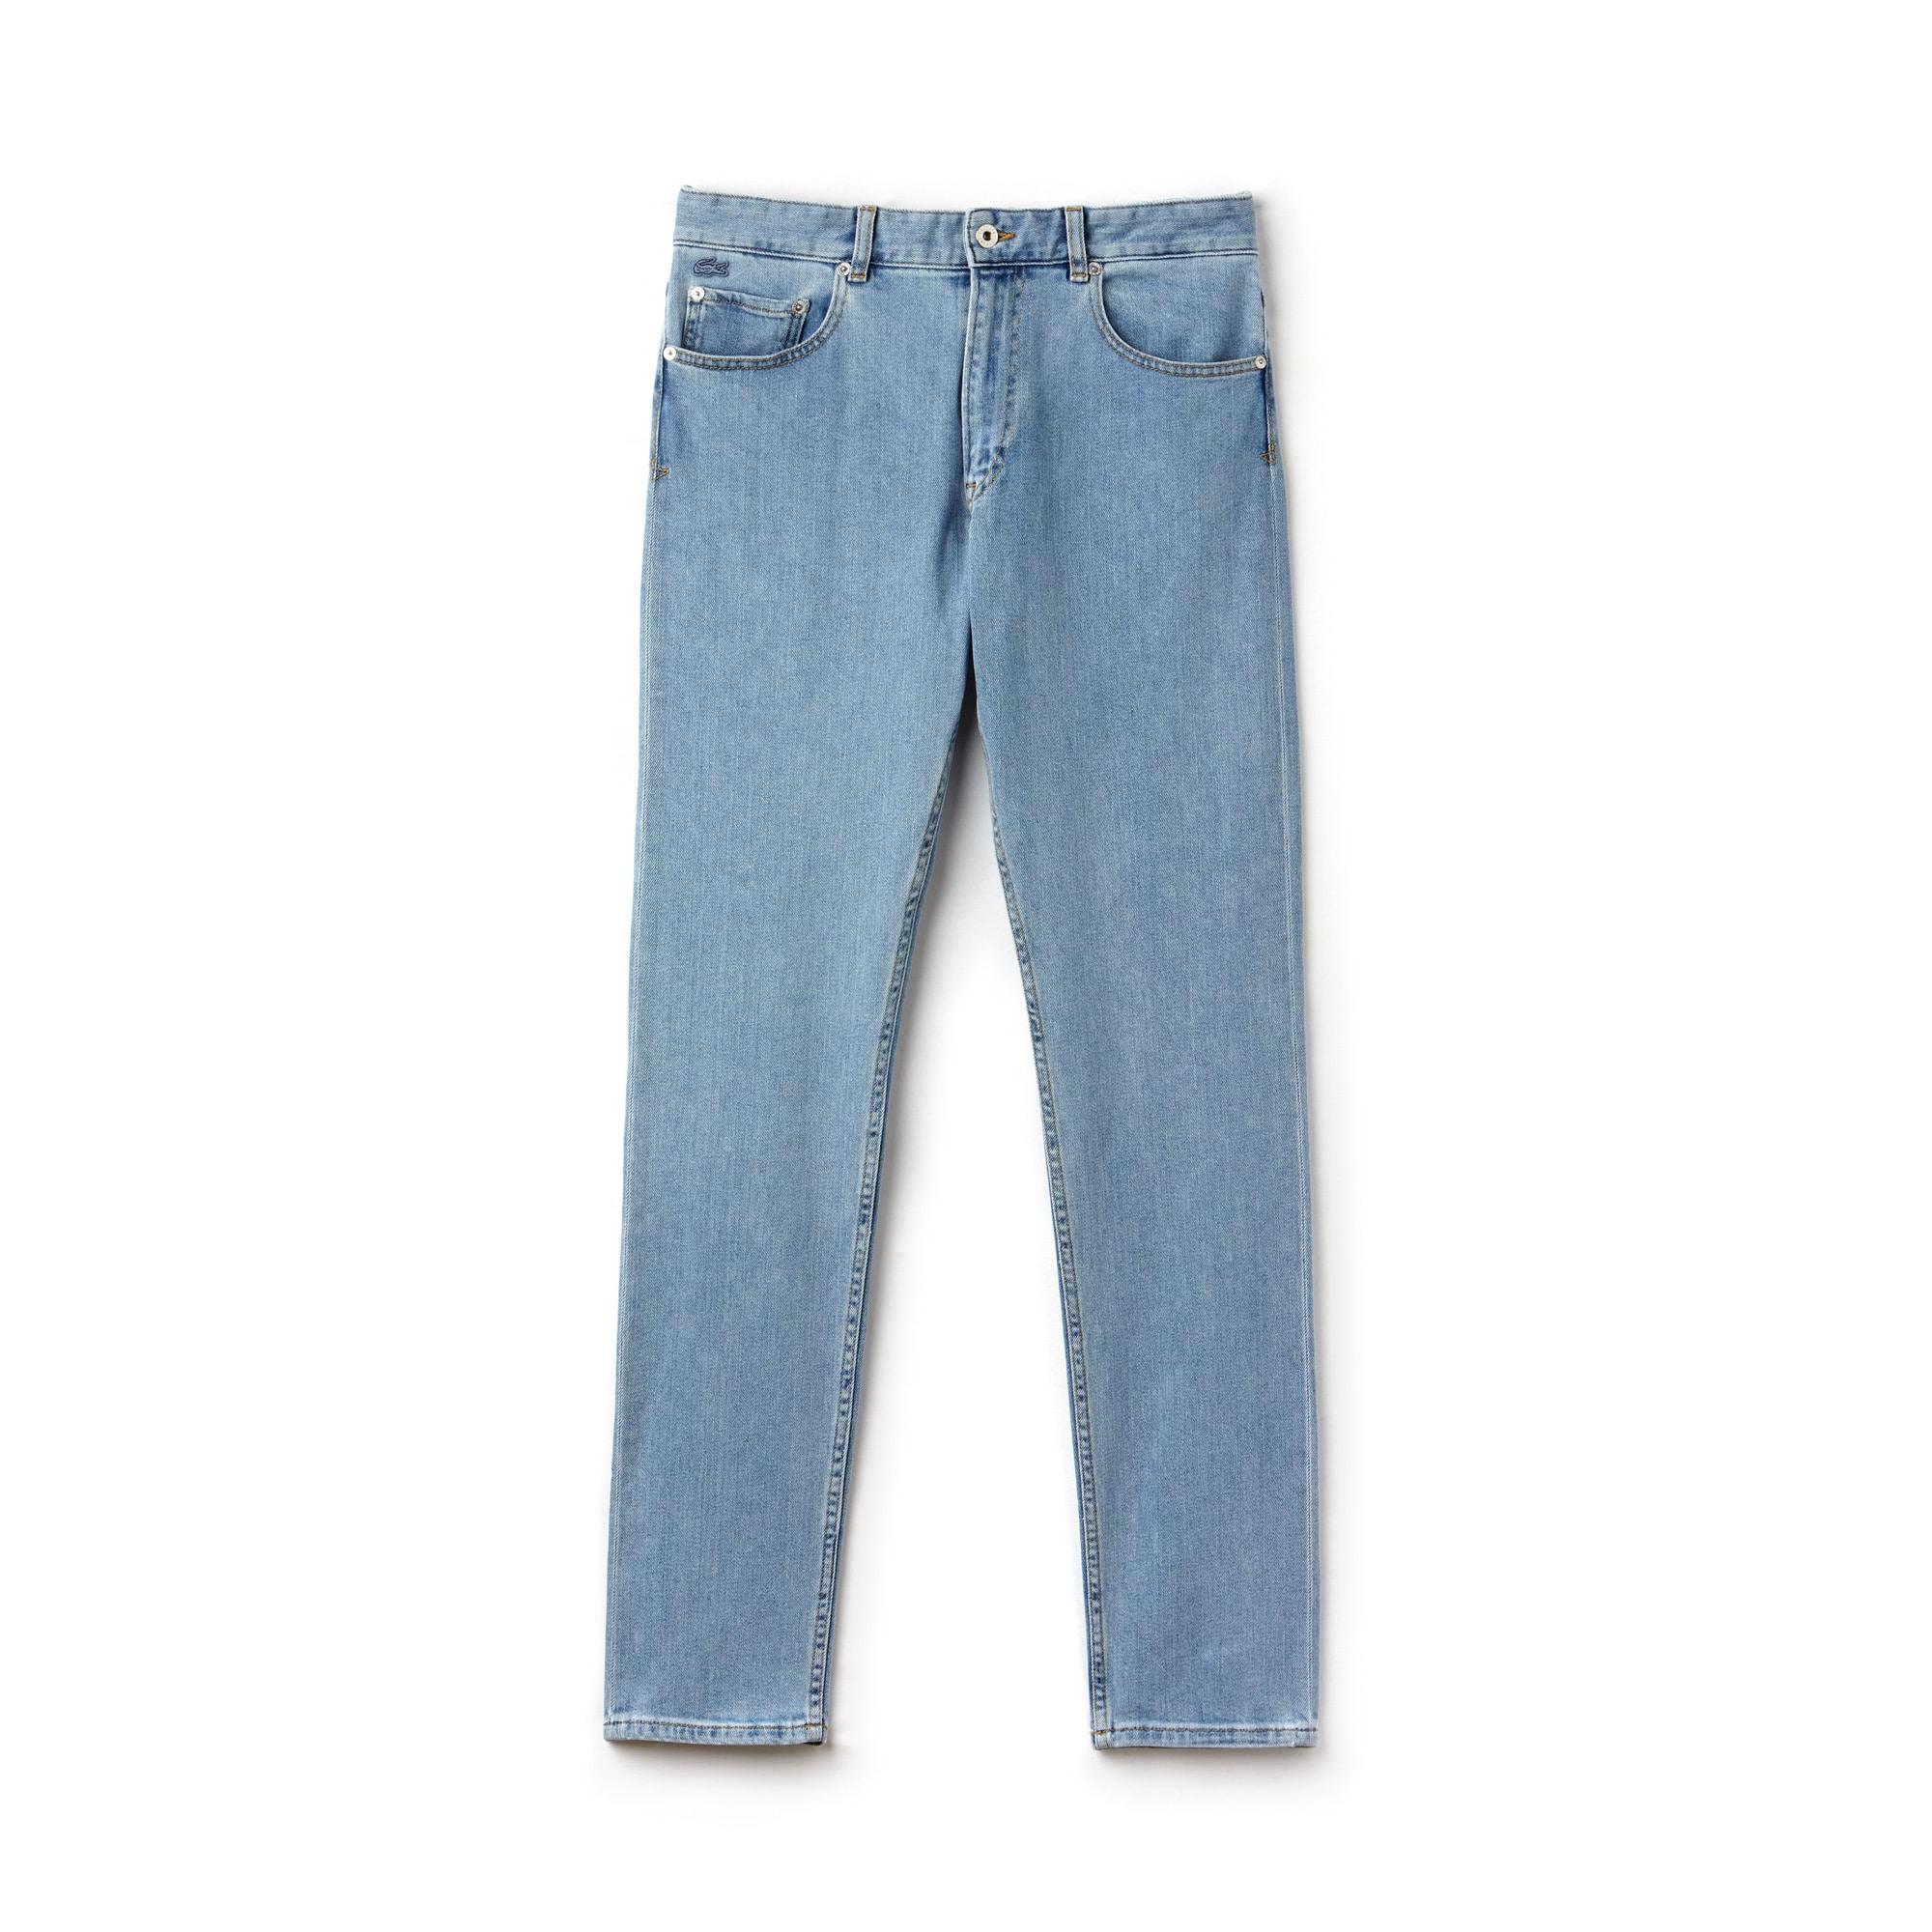 بنطلون جينز  رجالي بقصّة ضيّقة مع 5 جيوب من دينيم قطنيّ مطّاطي